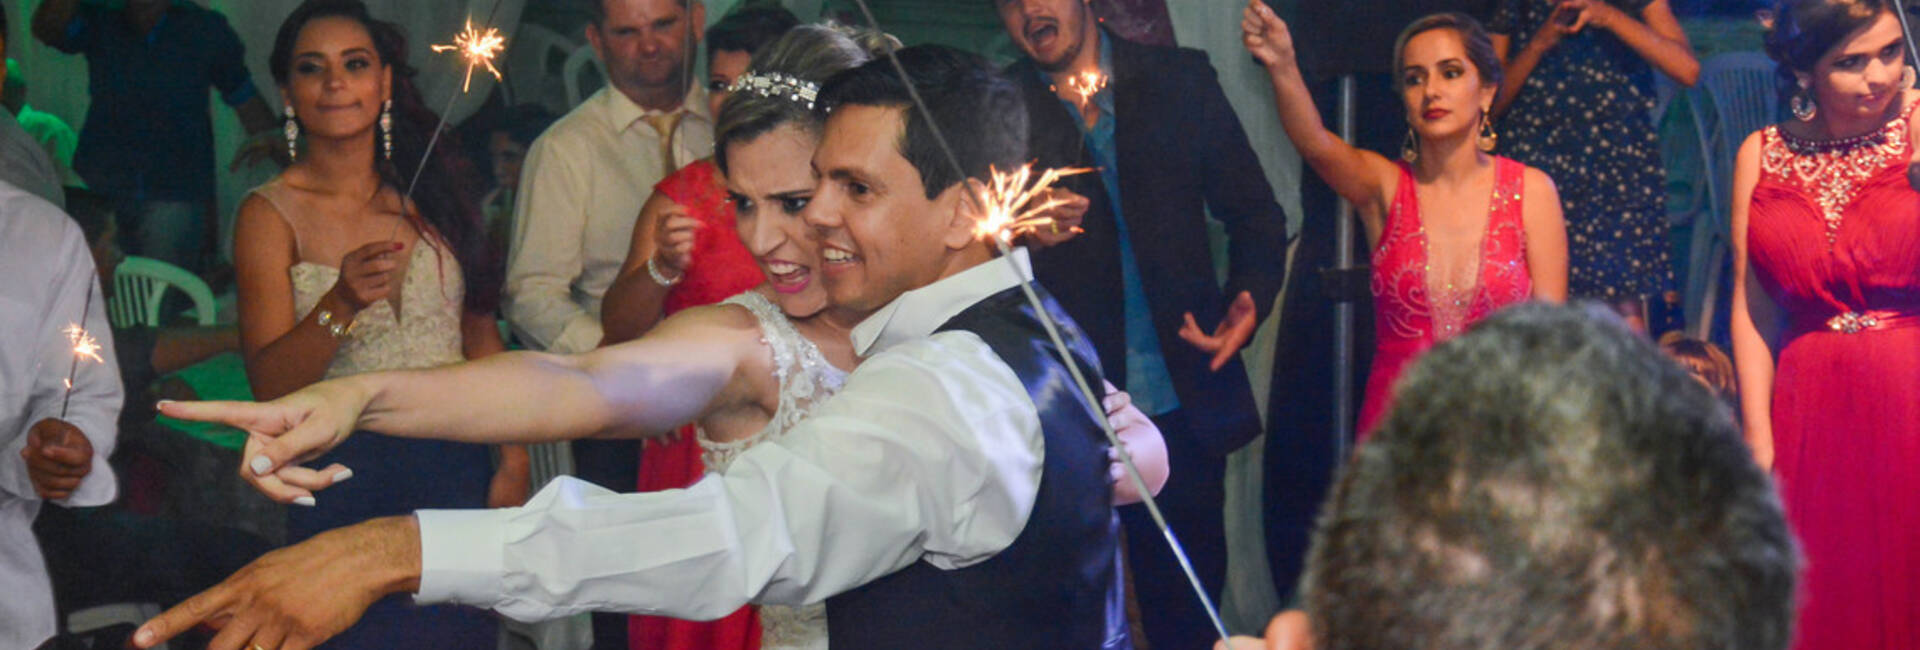 Casamento de Eveline e Marcio